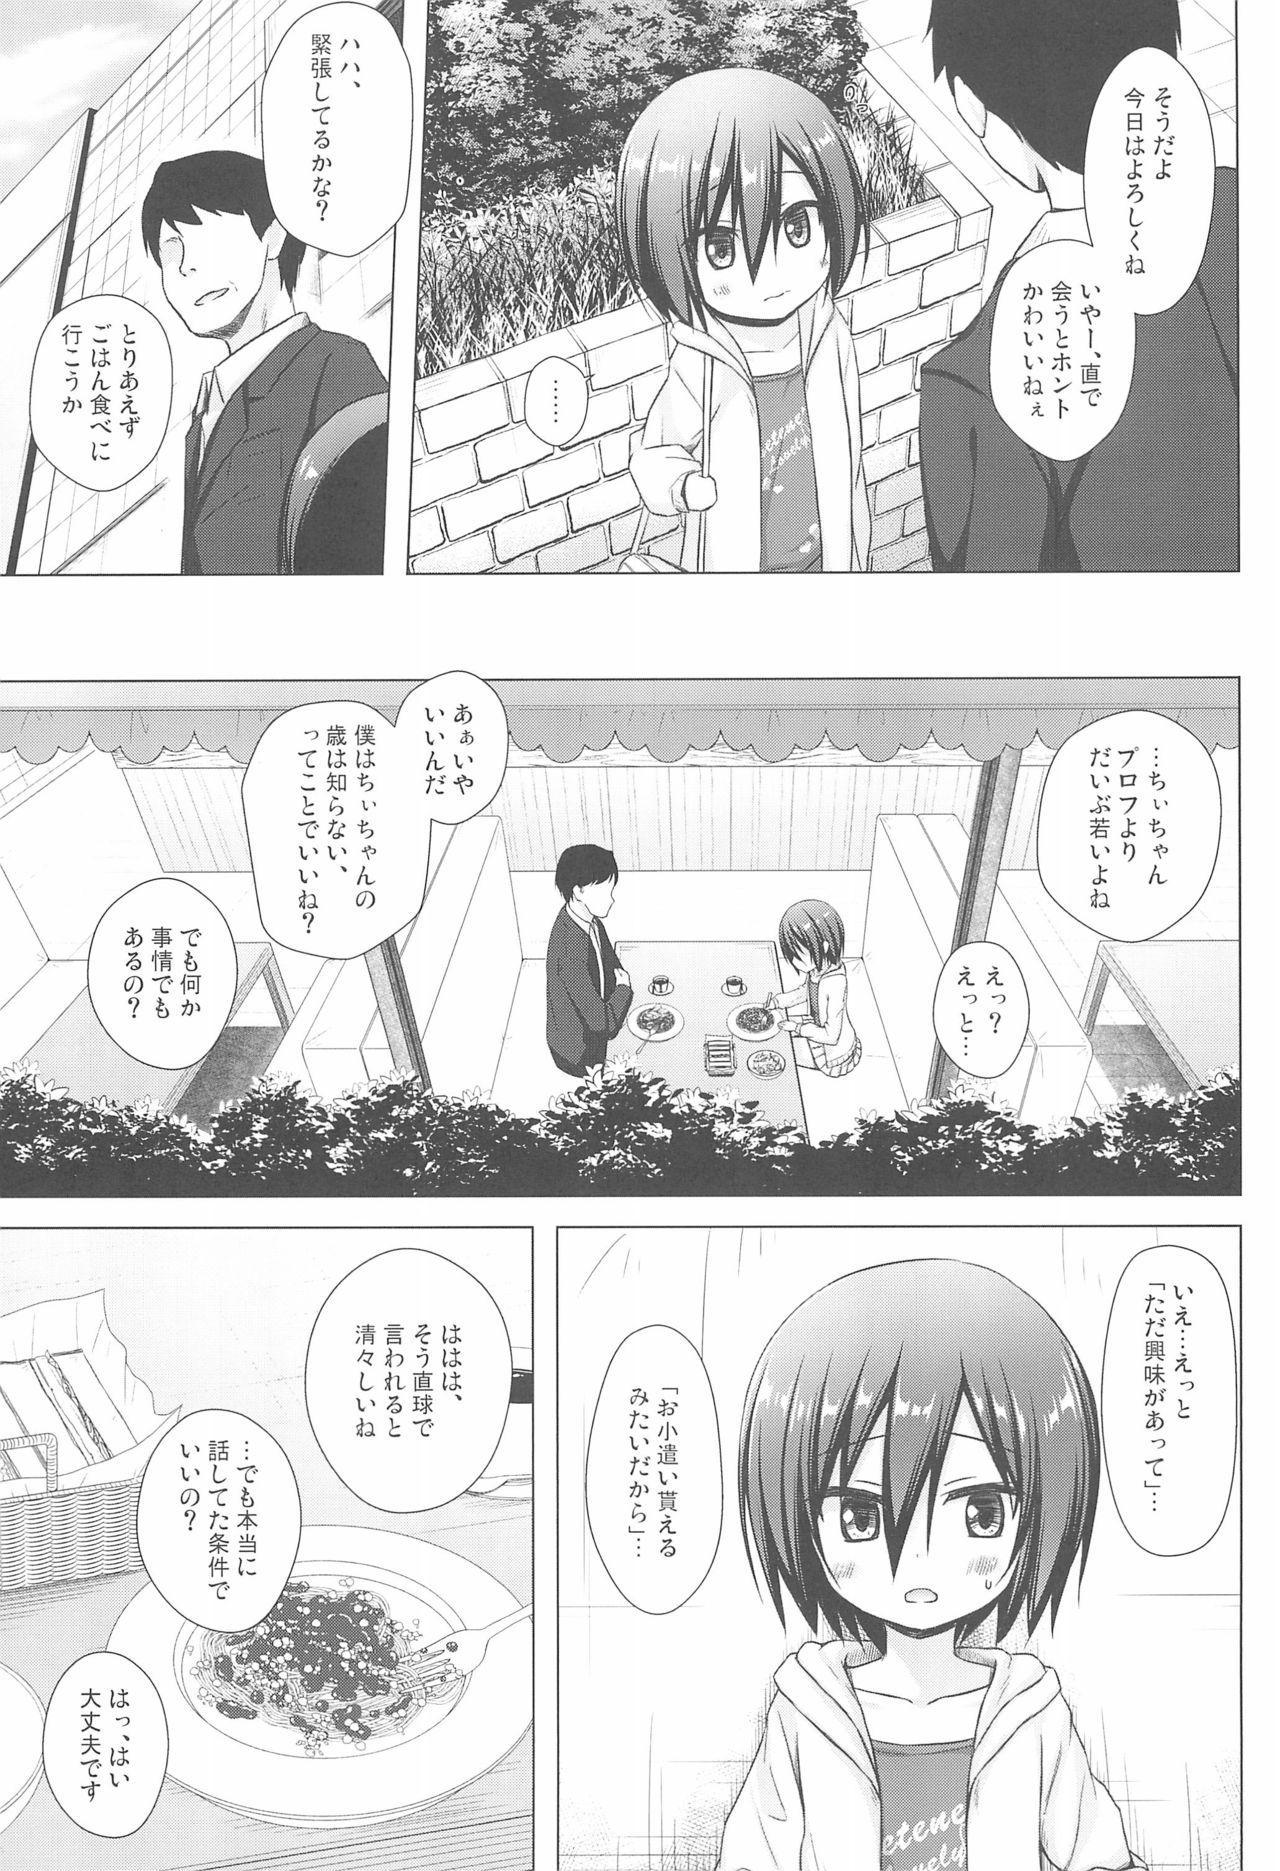 Chichi to Ani to Dorei na Watashi 2 6